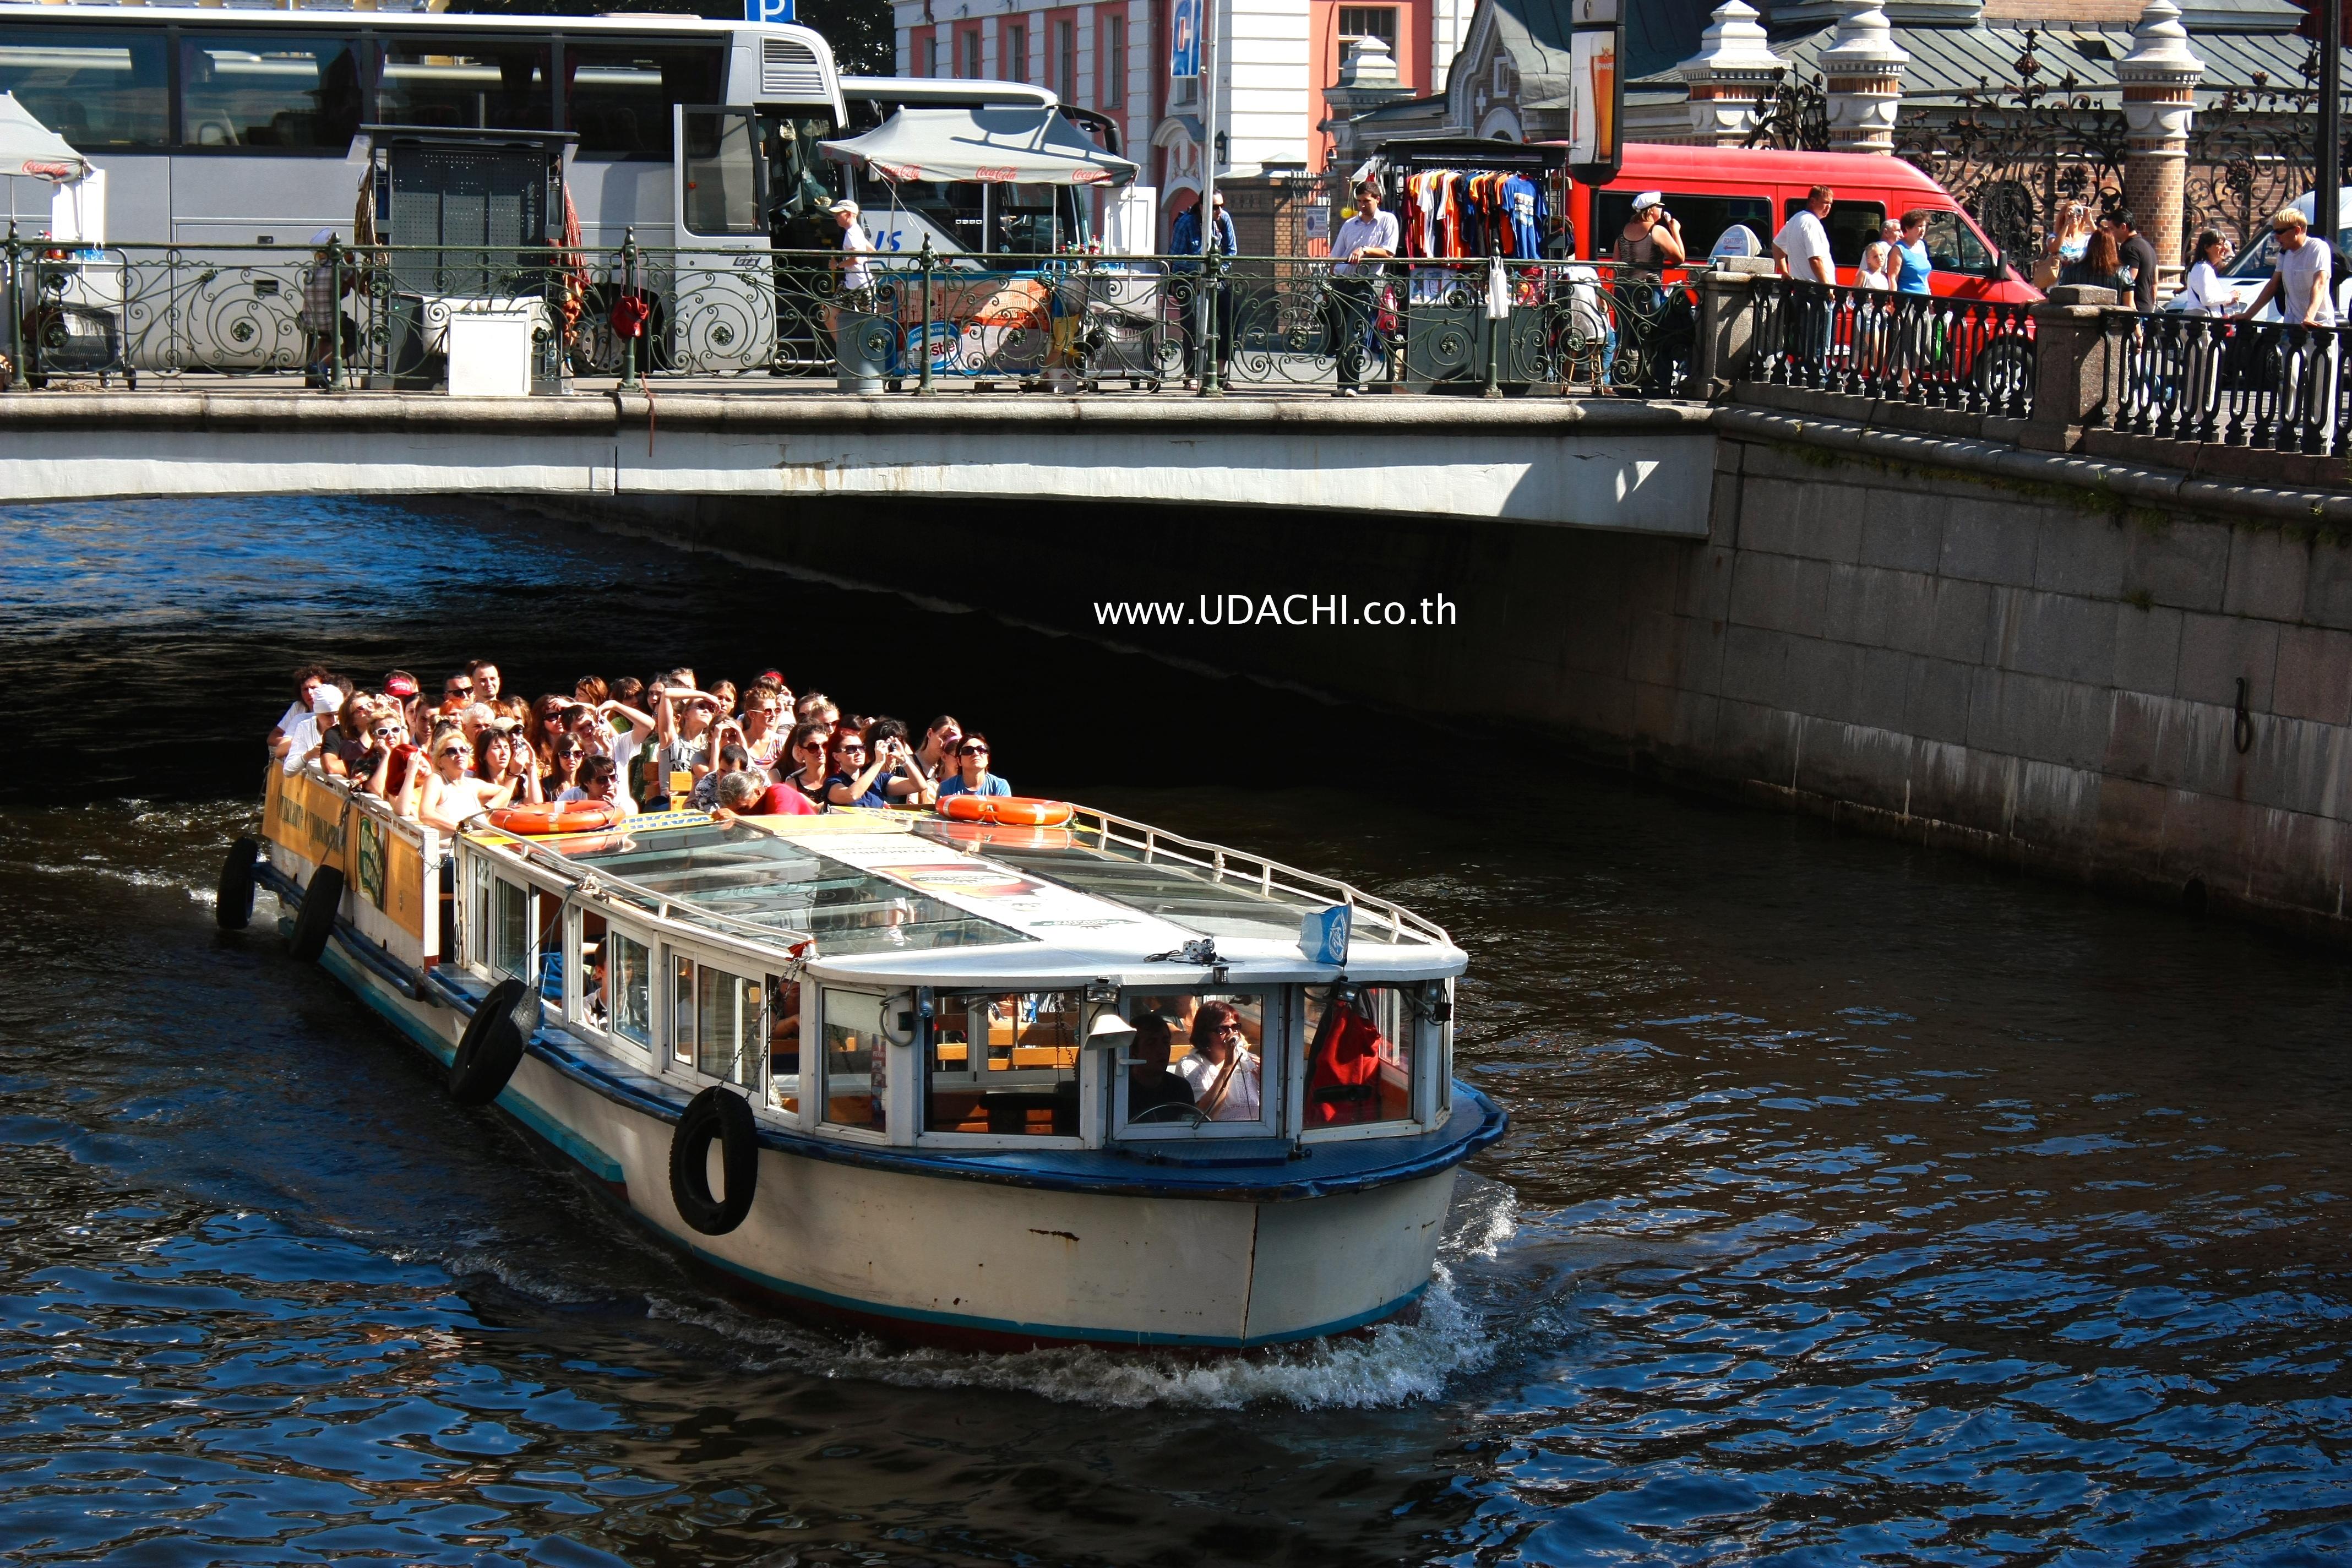 ล่องเรือชมคลองและแม่น้ำเนวา